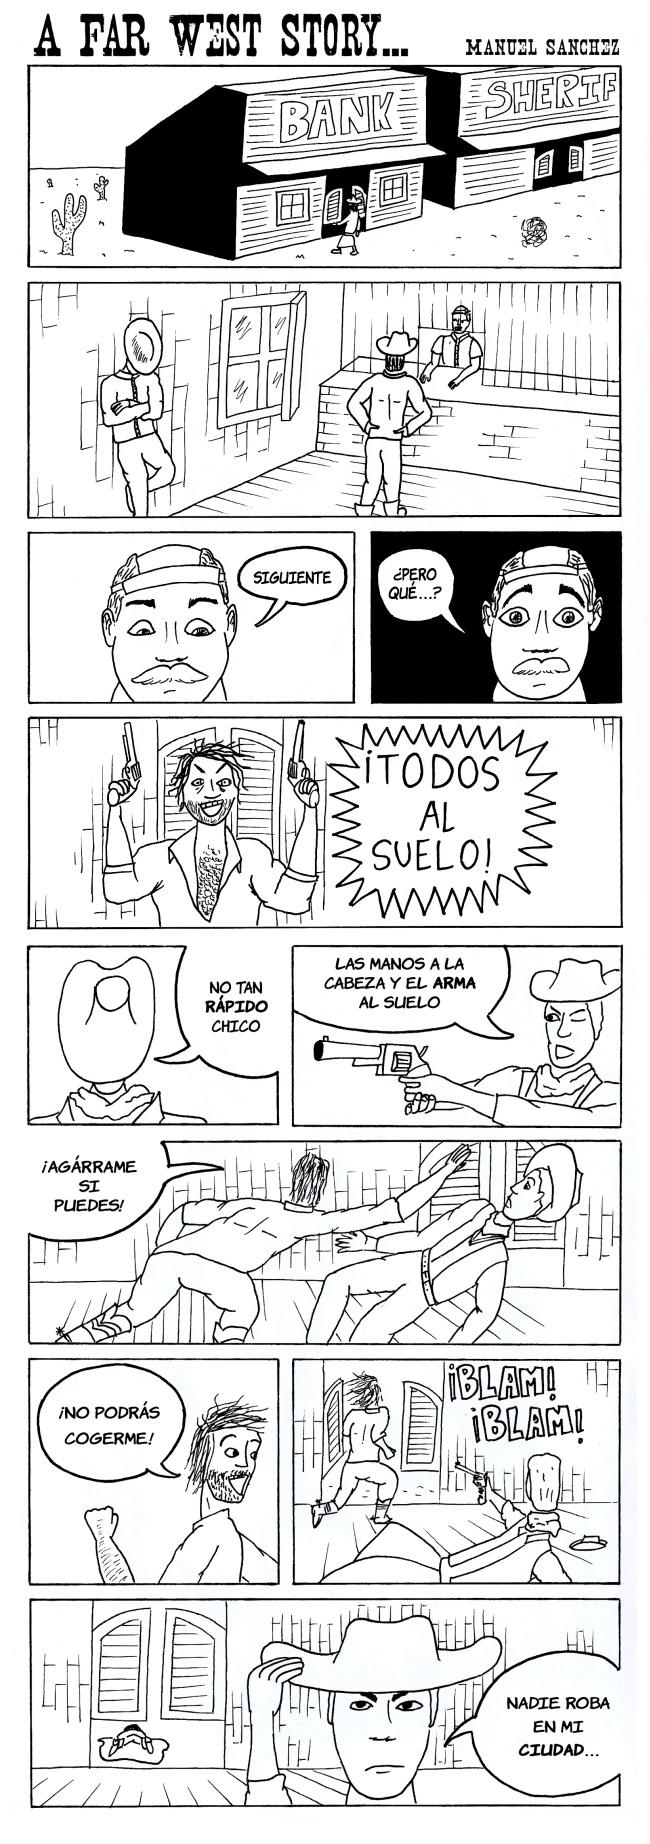 postc10_comic del oeste manuel sanchez_650pix